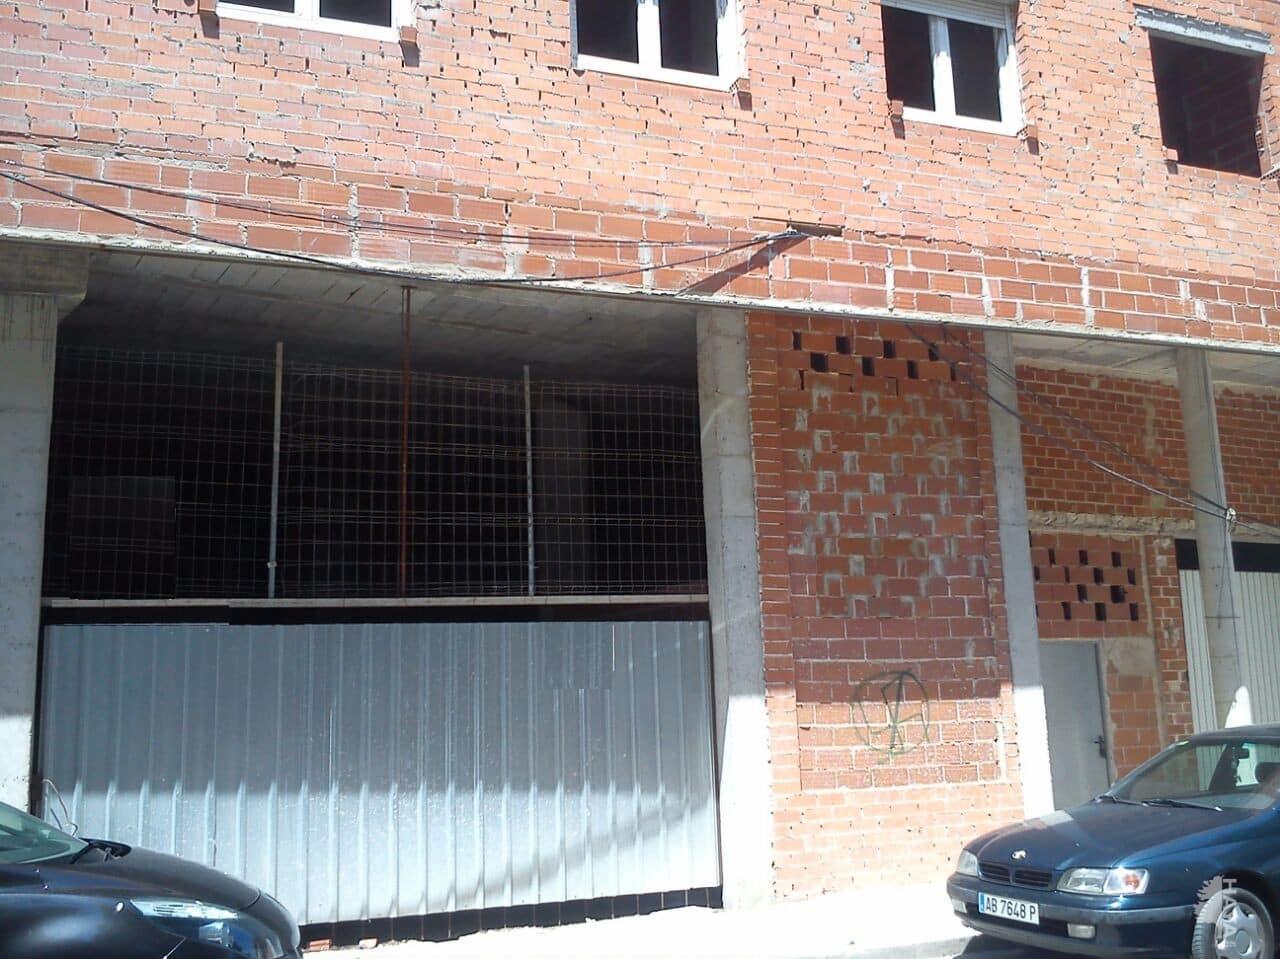 Piso en venta en La Roda, la Roda, Albacete, Calle Juan Garcia Glz, 31.300 €, 1 habitación, 1 baño, 85 m2